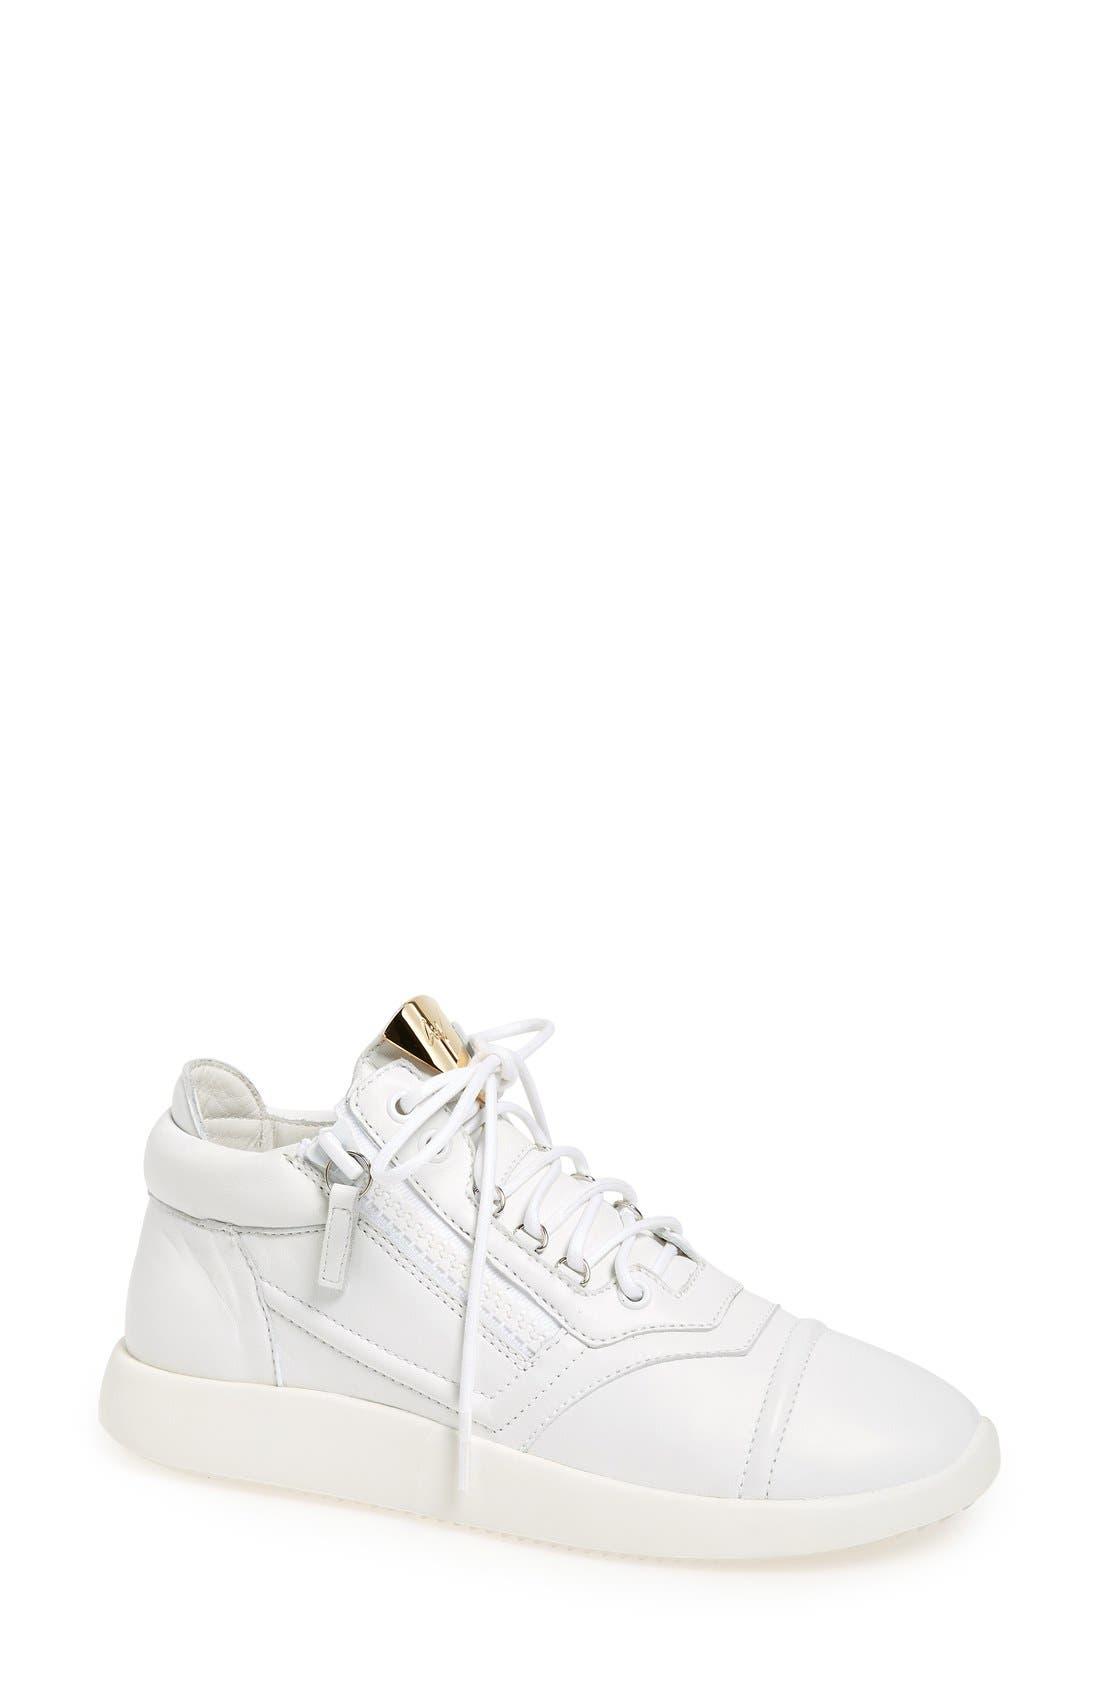 GIUSEPPE ZANOTTI Side Zip Low Top Sneaker